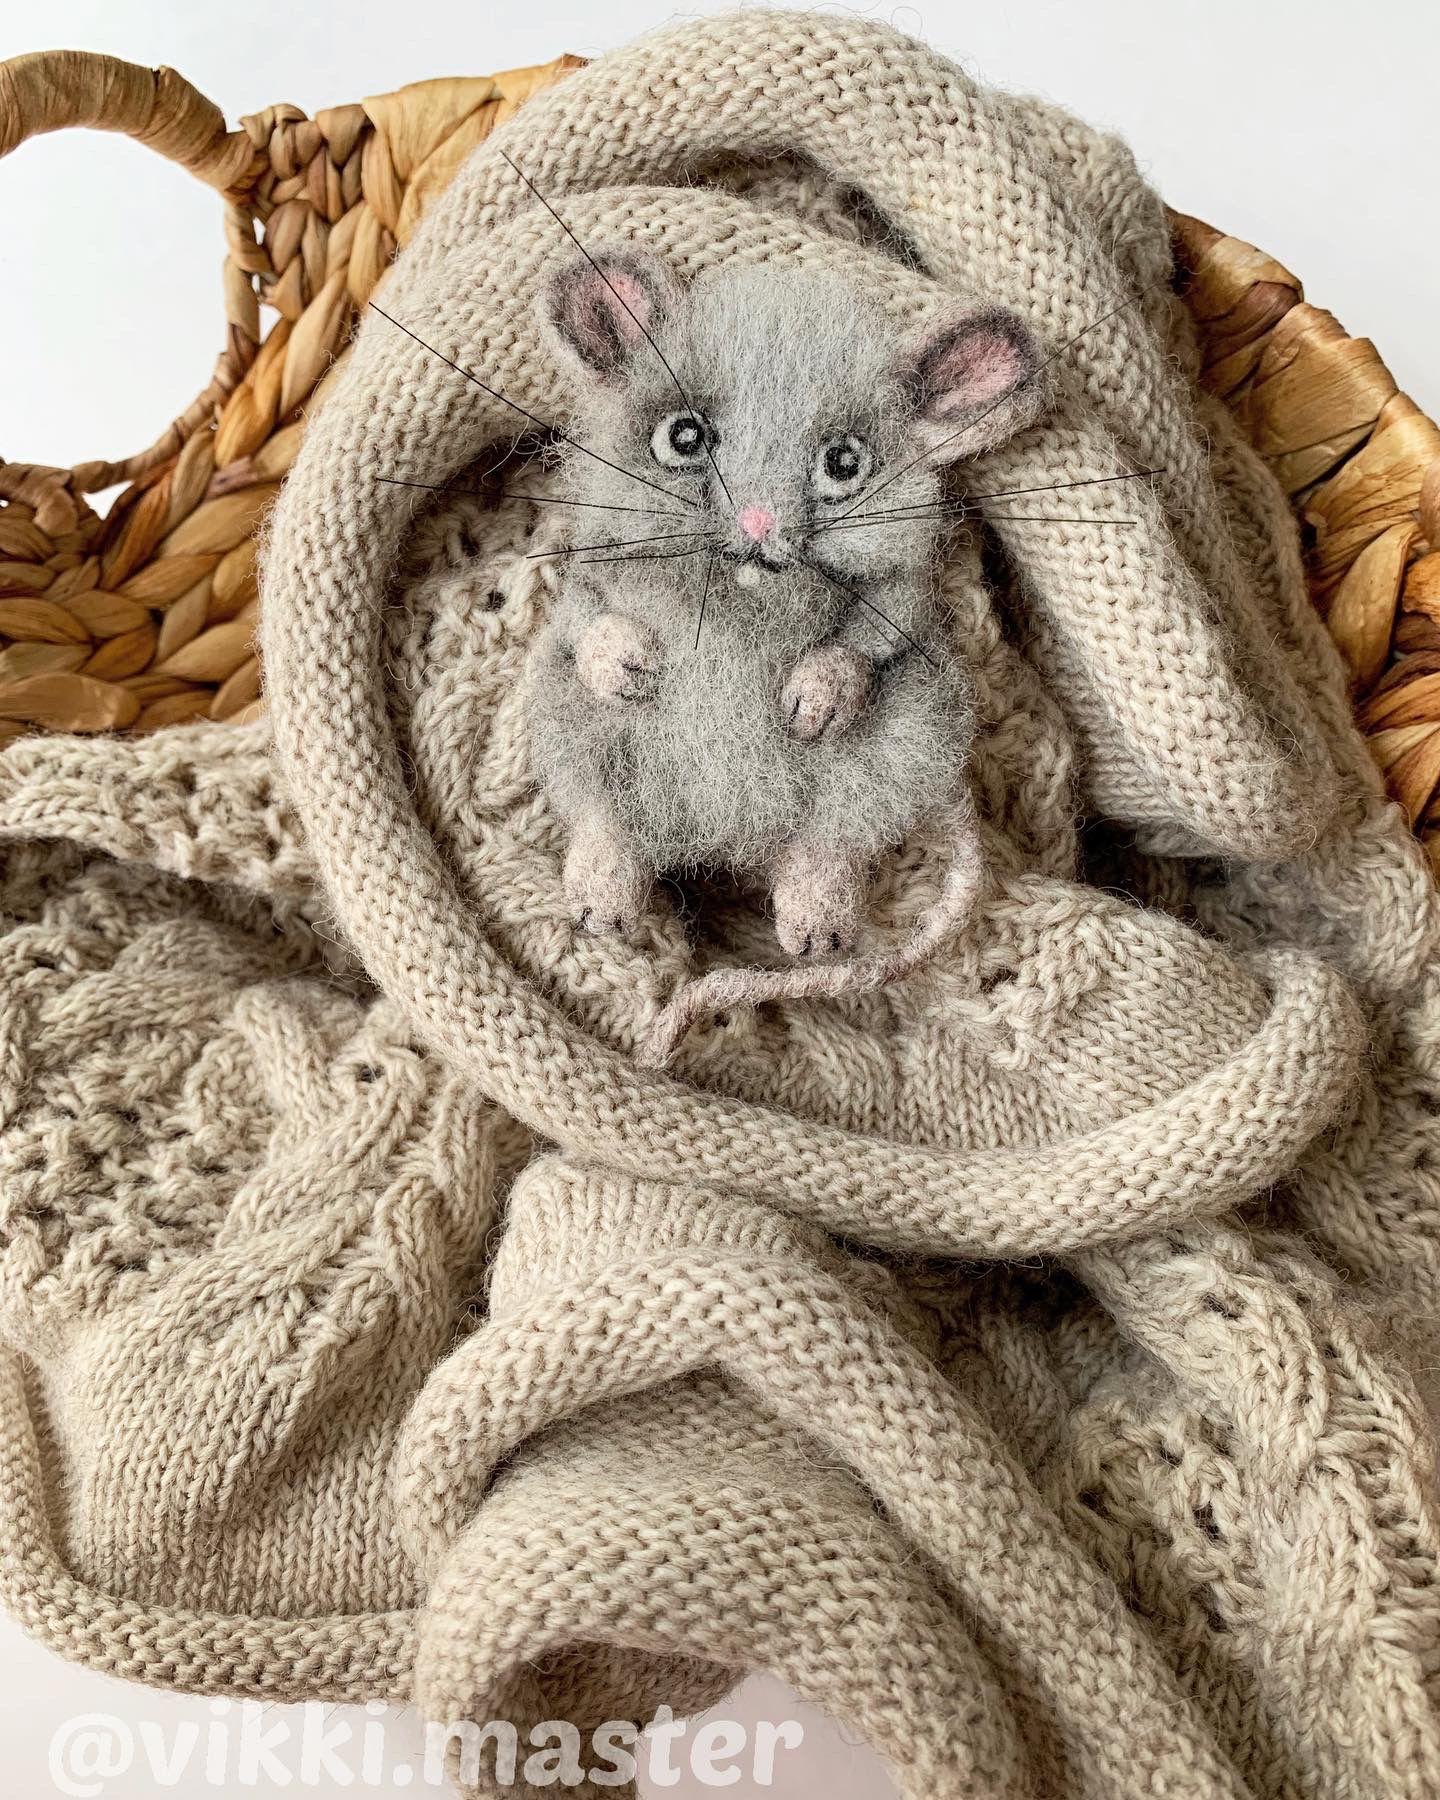 белая подарок 2020 символ китайский год новый крыса брошь календарь мышонок восточный